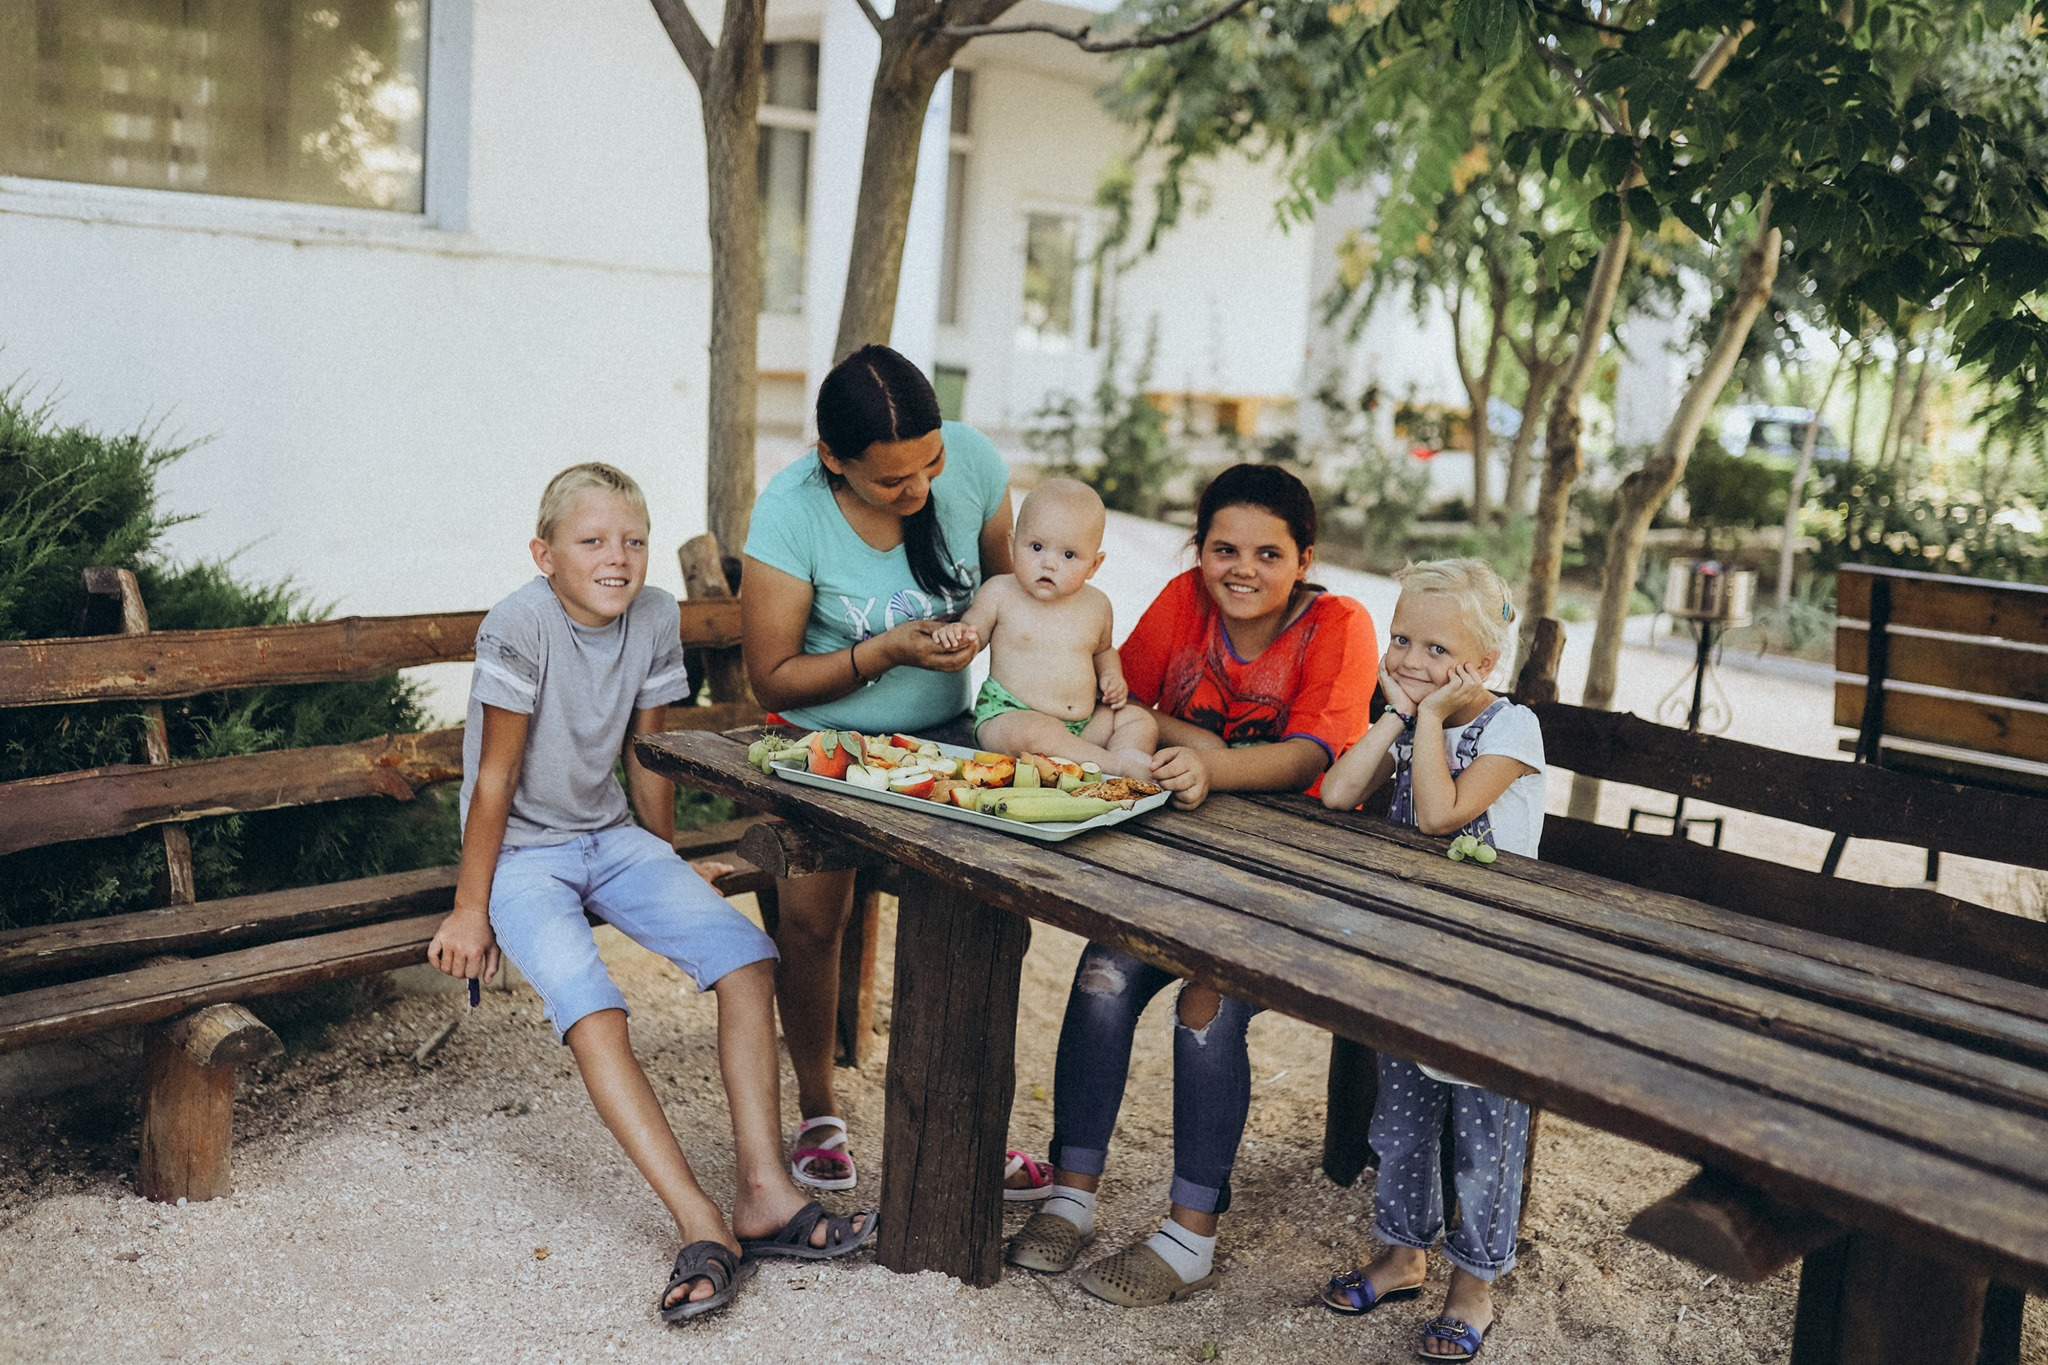 В Херсоне Благотворительный фонд четвертый год помогает семьям, оказавшимся в сложных жизненных обстоятельствах